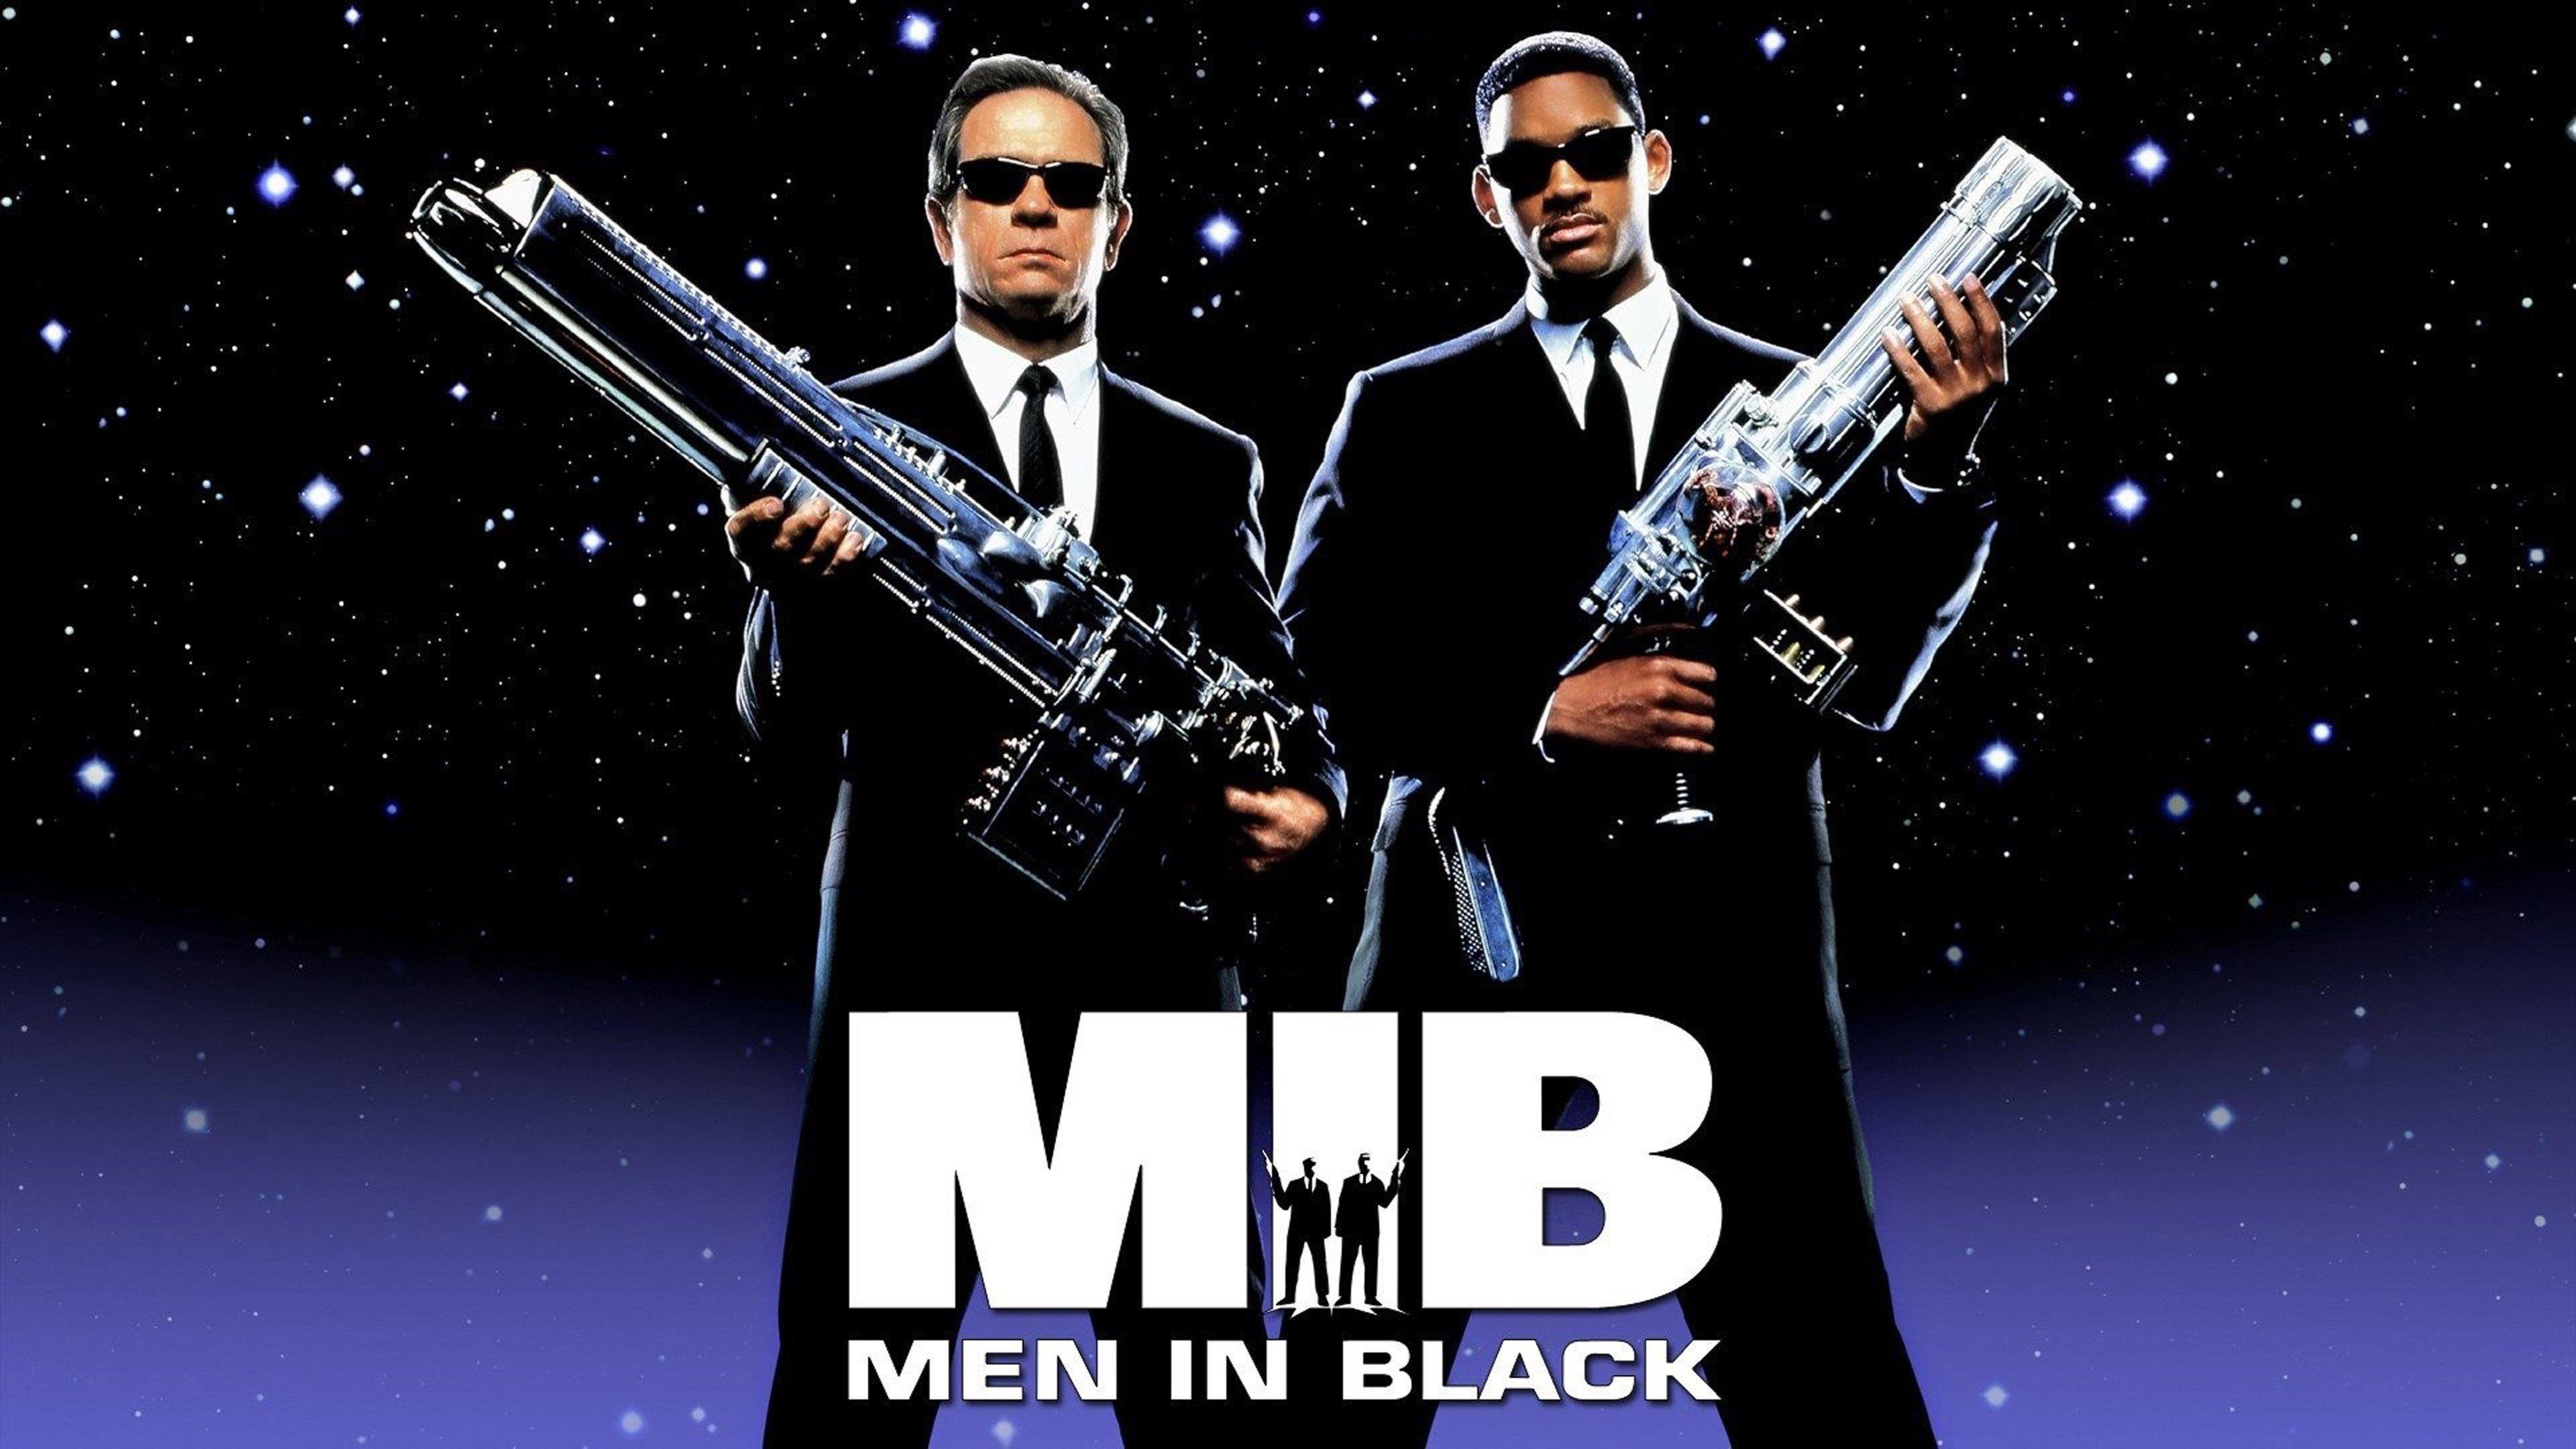 Men in Black -